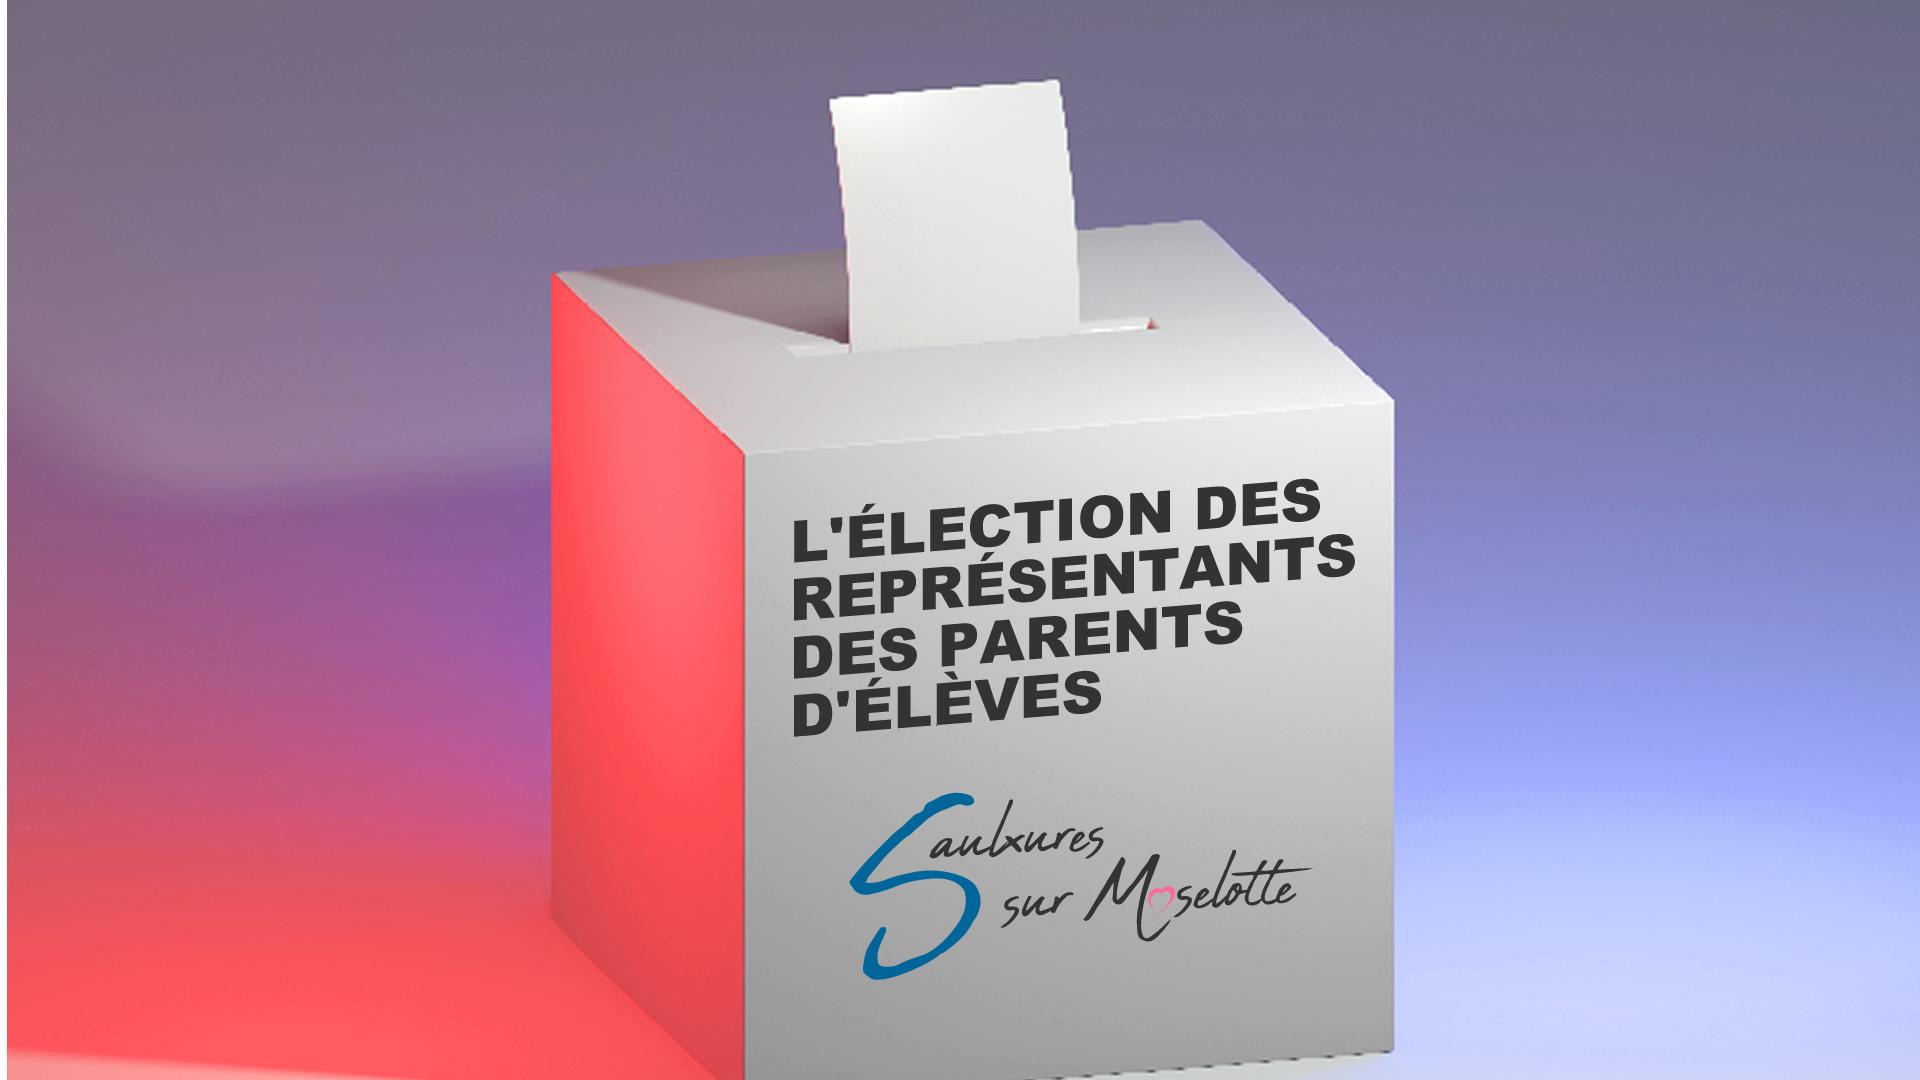 Élection des représentants des parents d'élèves